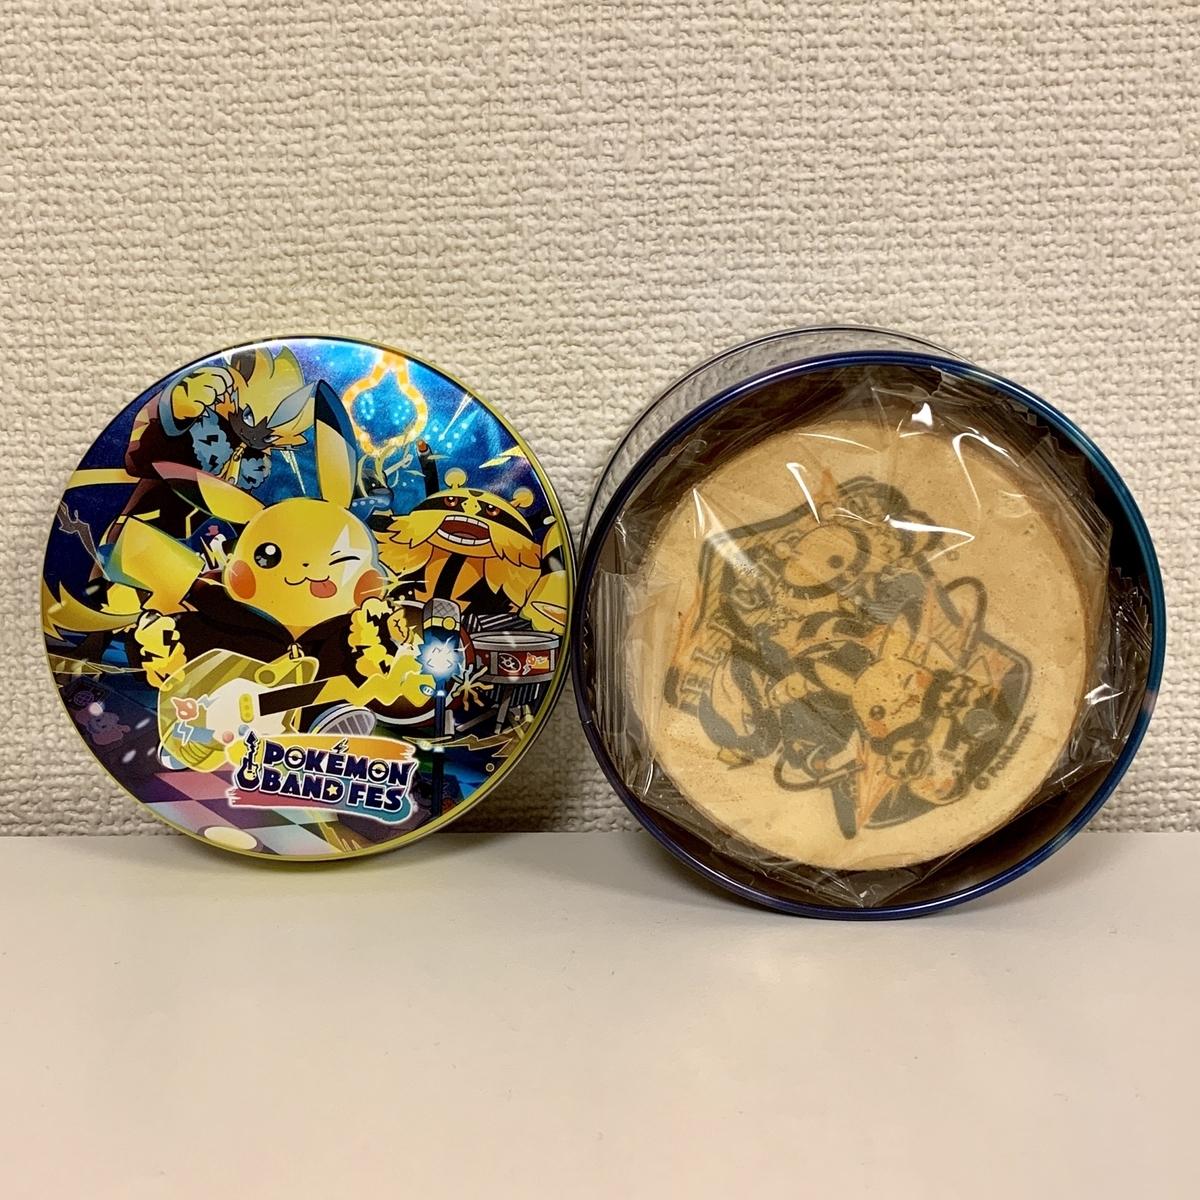 f:id:pikachu_pcn:20191015225021j:plain